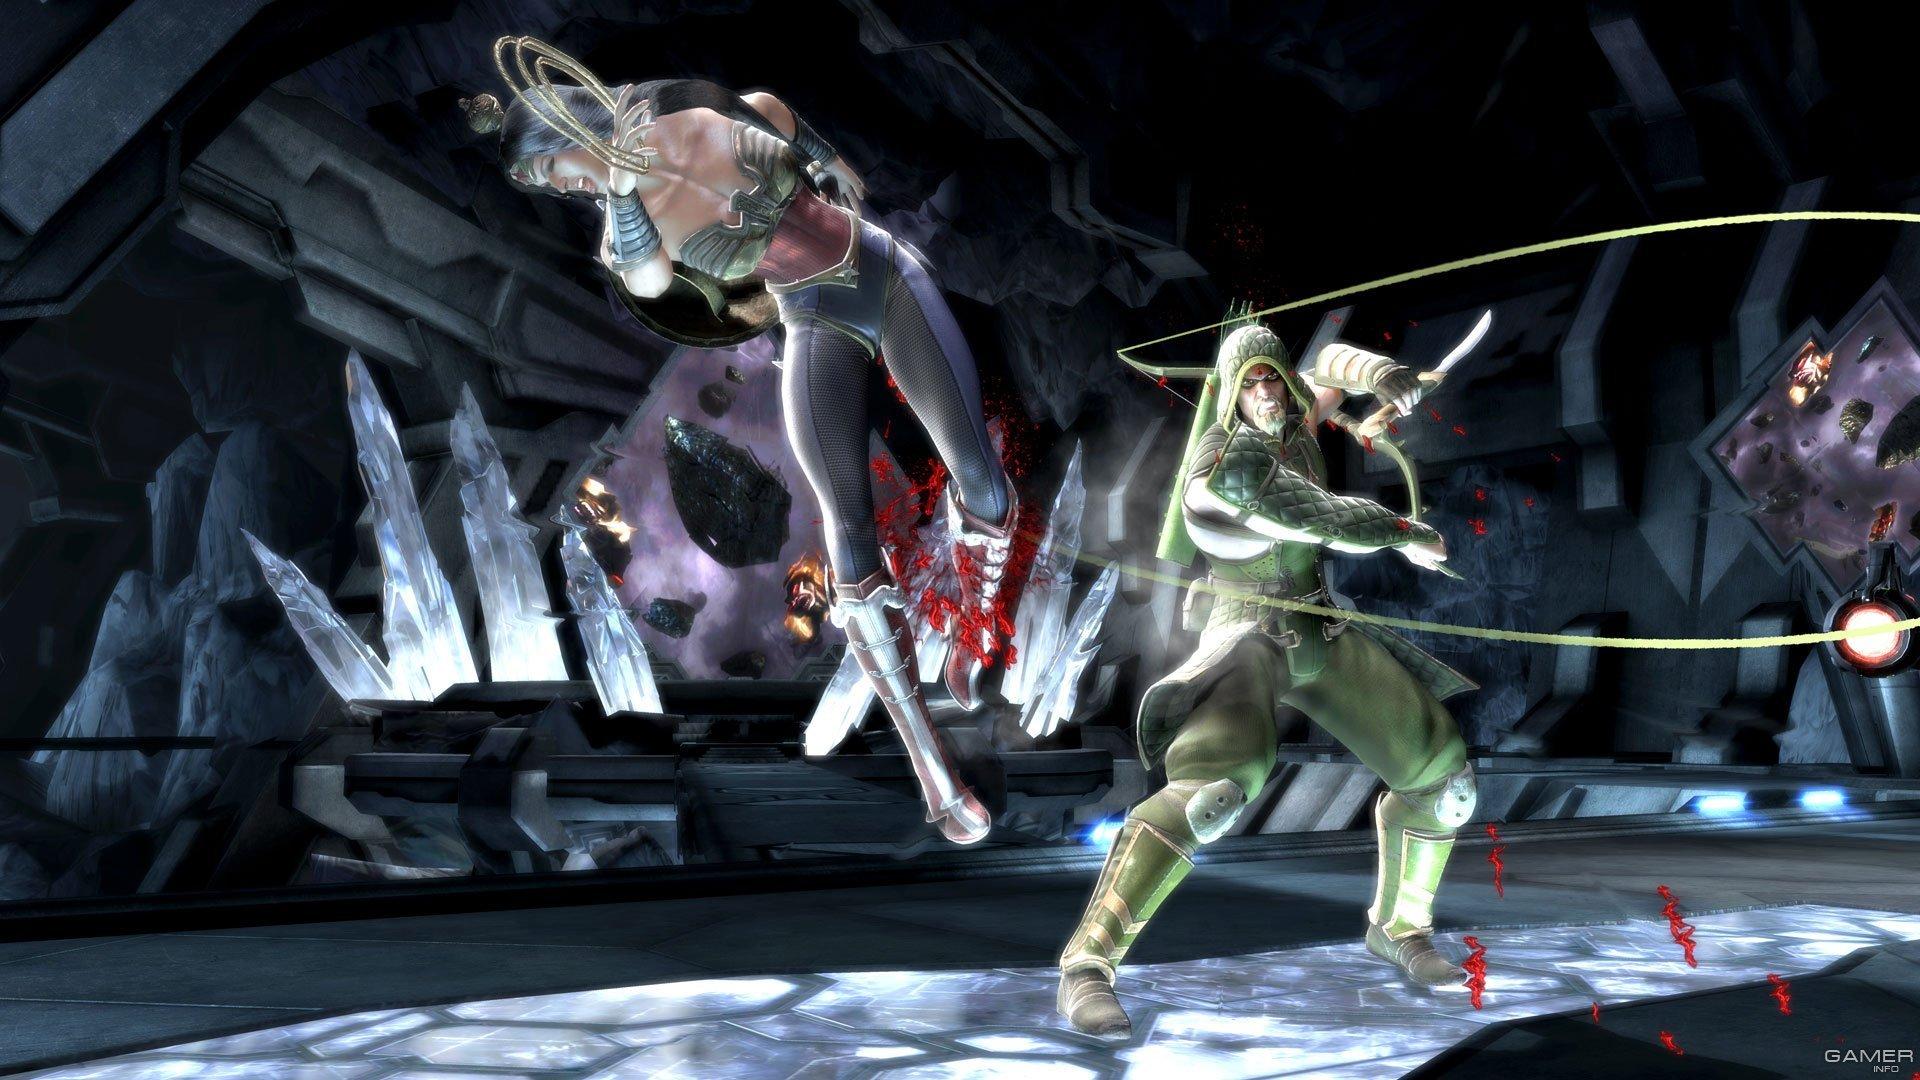 Картинки из нового файтинга Injustice: Gods Among Us Ultimate Edition. - Изображение 3